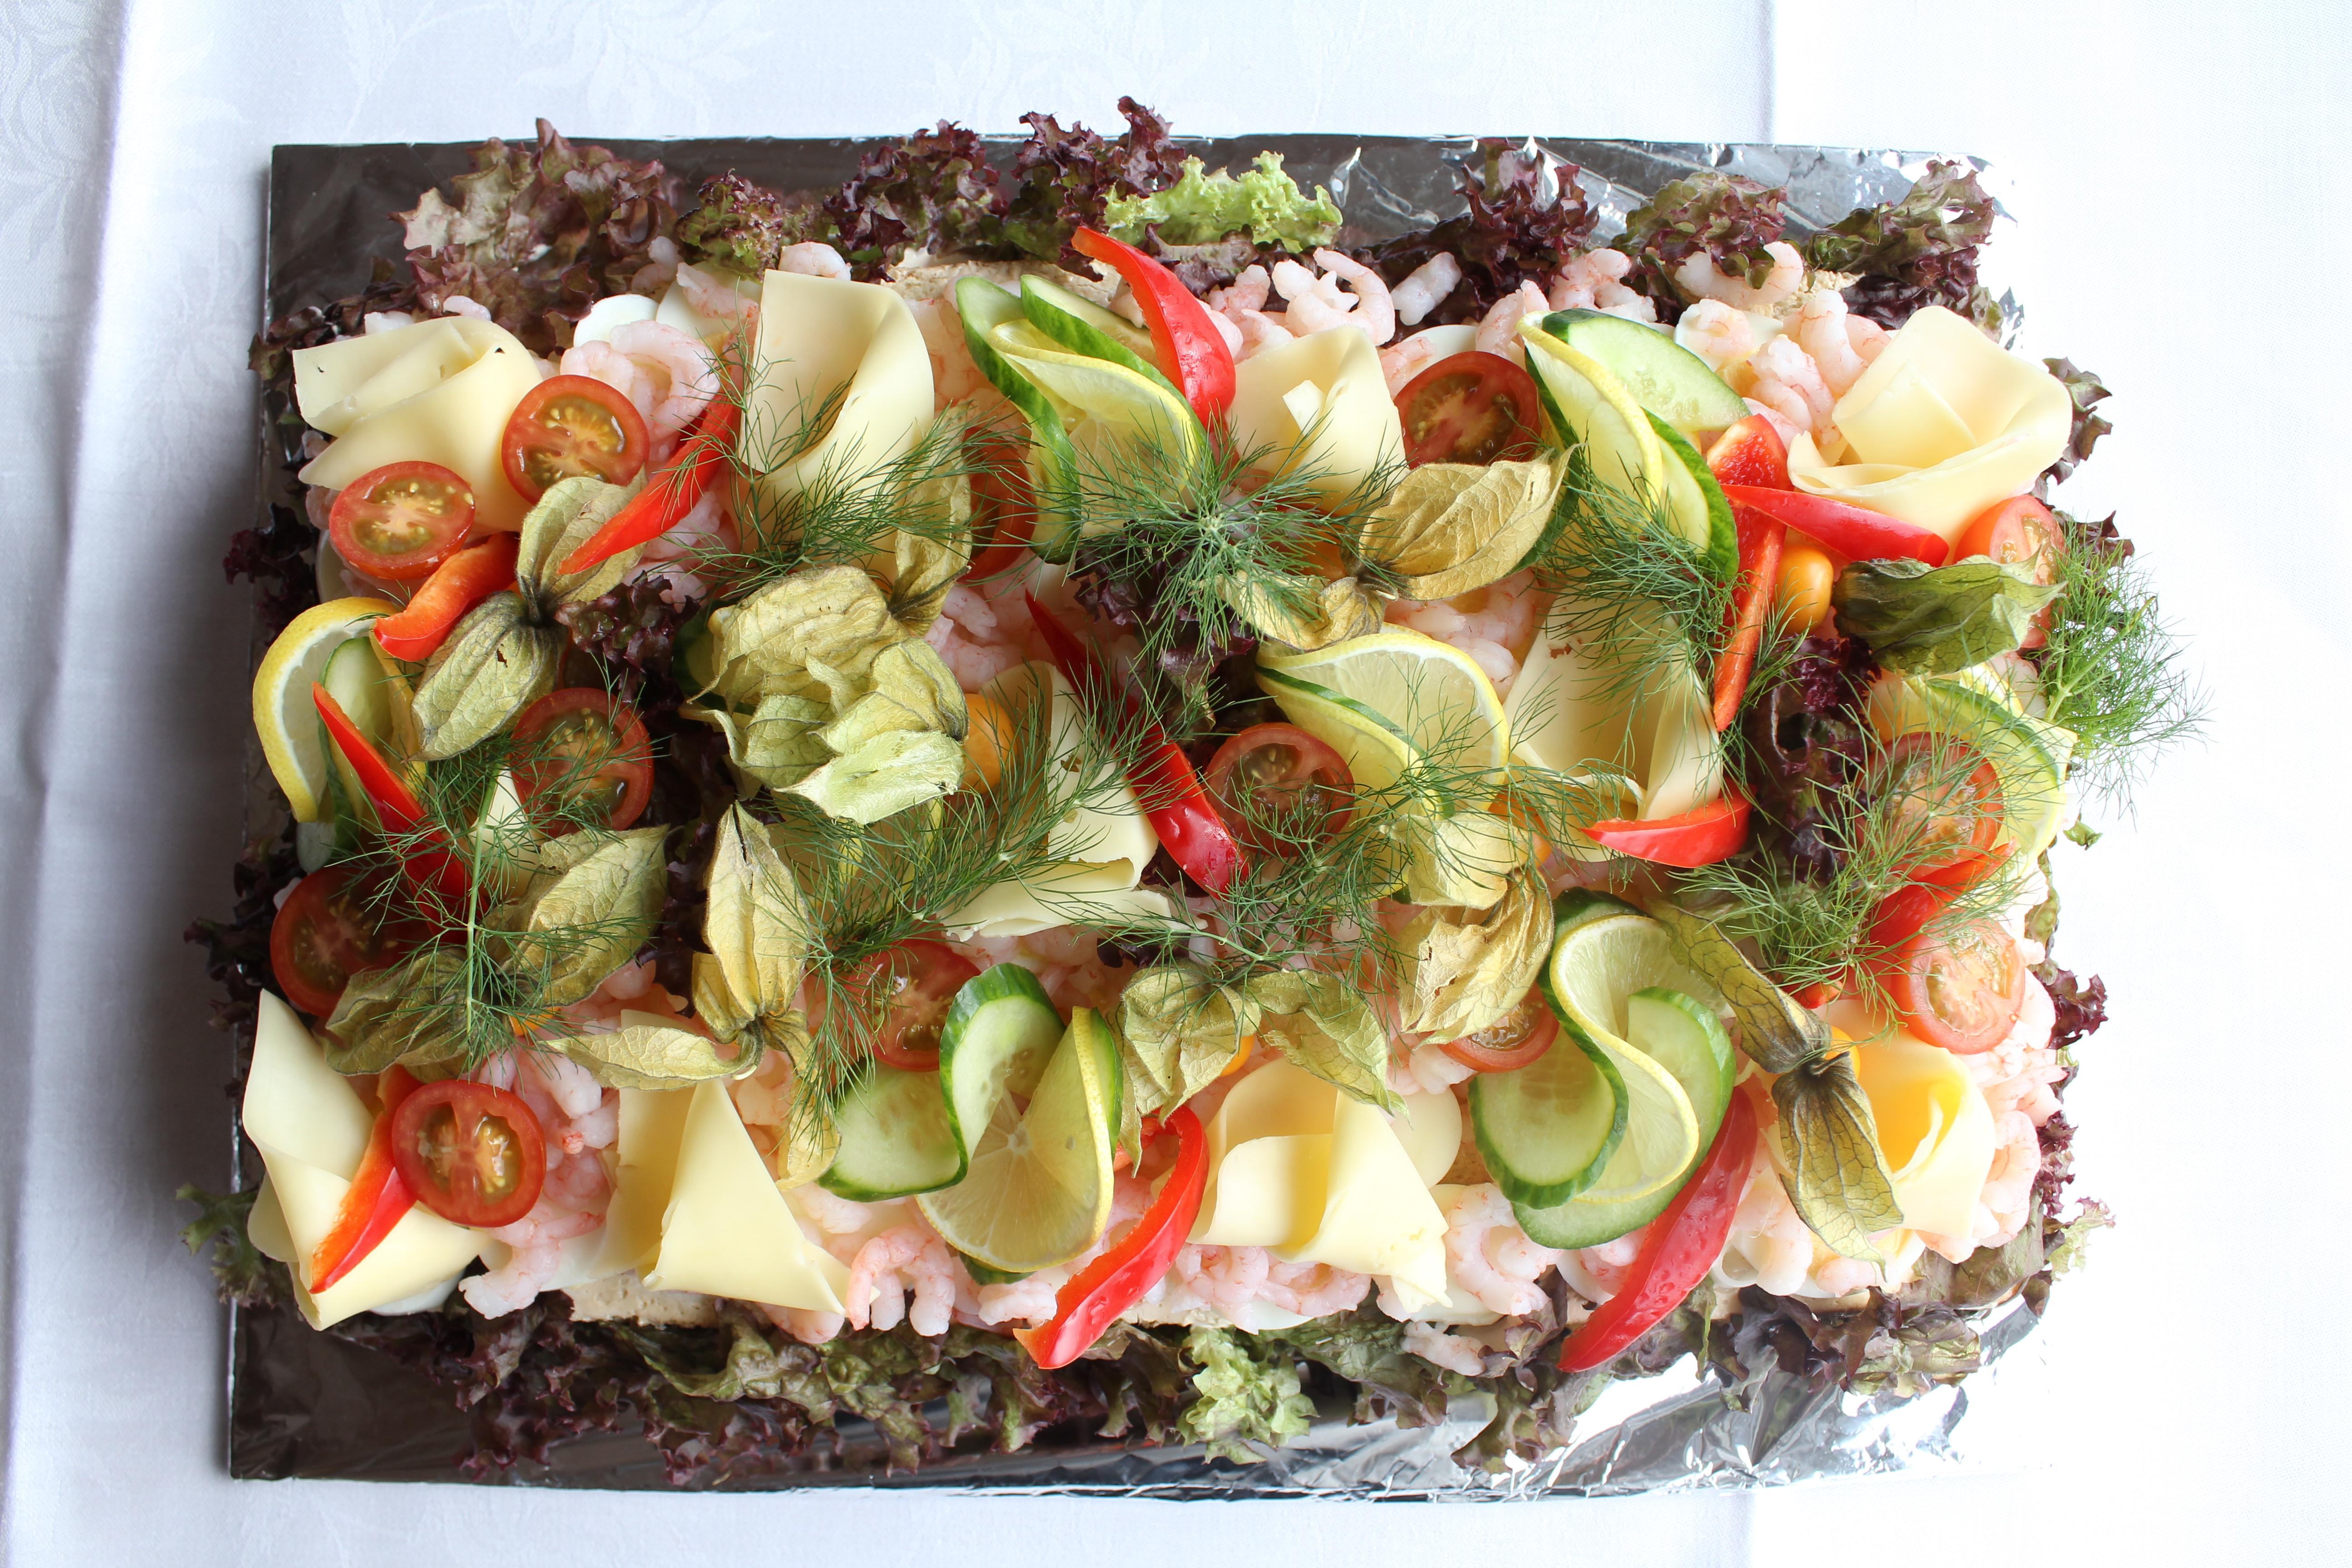 Smörgåstårta Liljeholmen Matsal